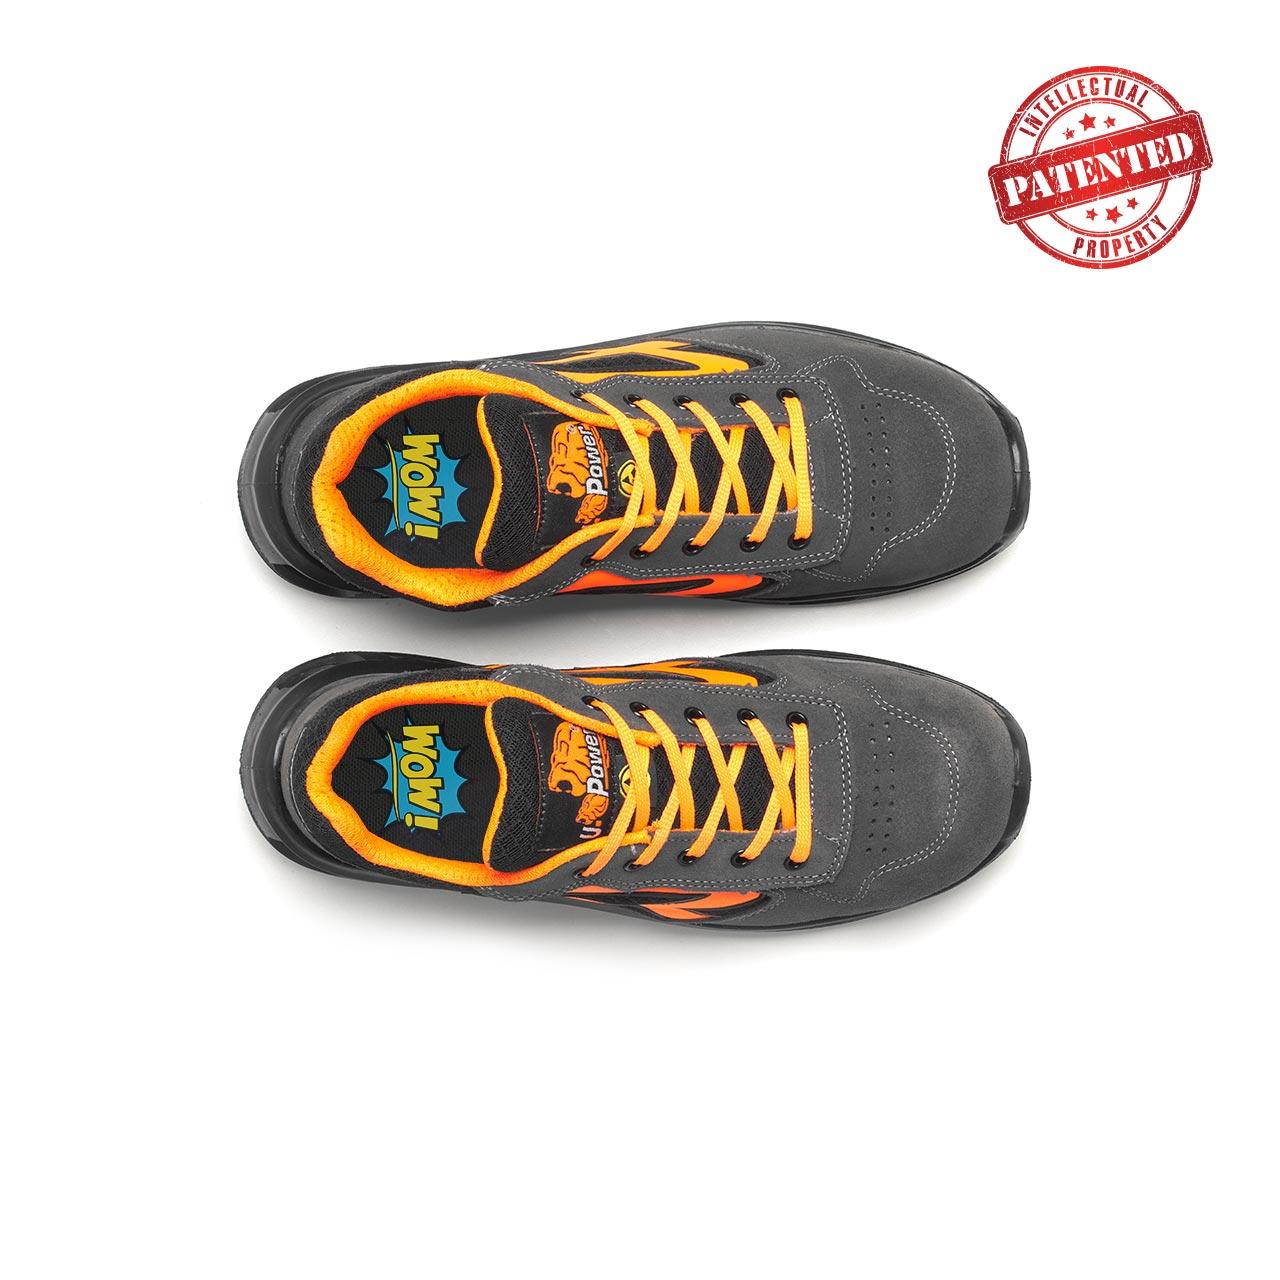 paio di scarpe antinfortunistiche upower modello orange linea redlion vista top